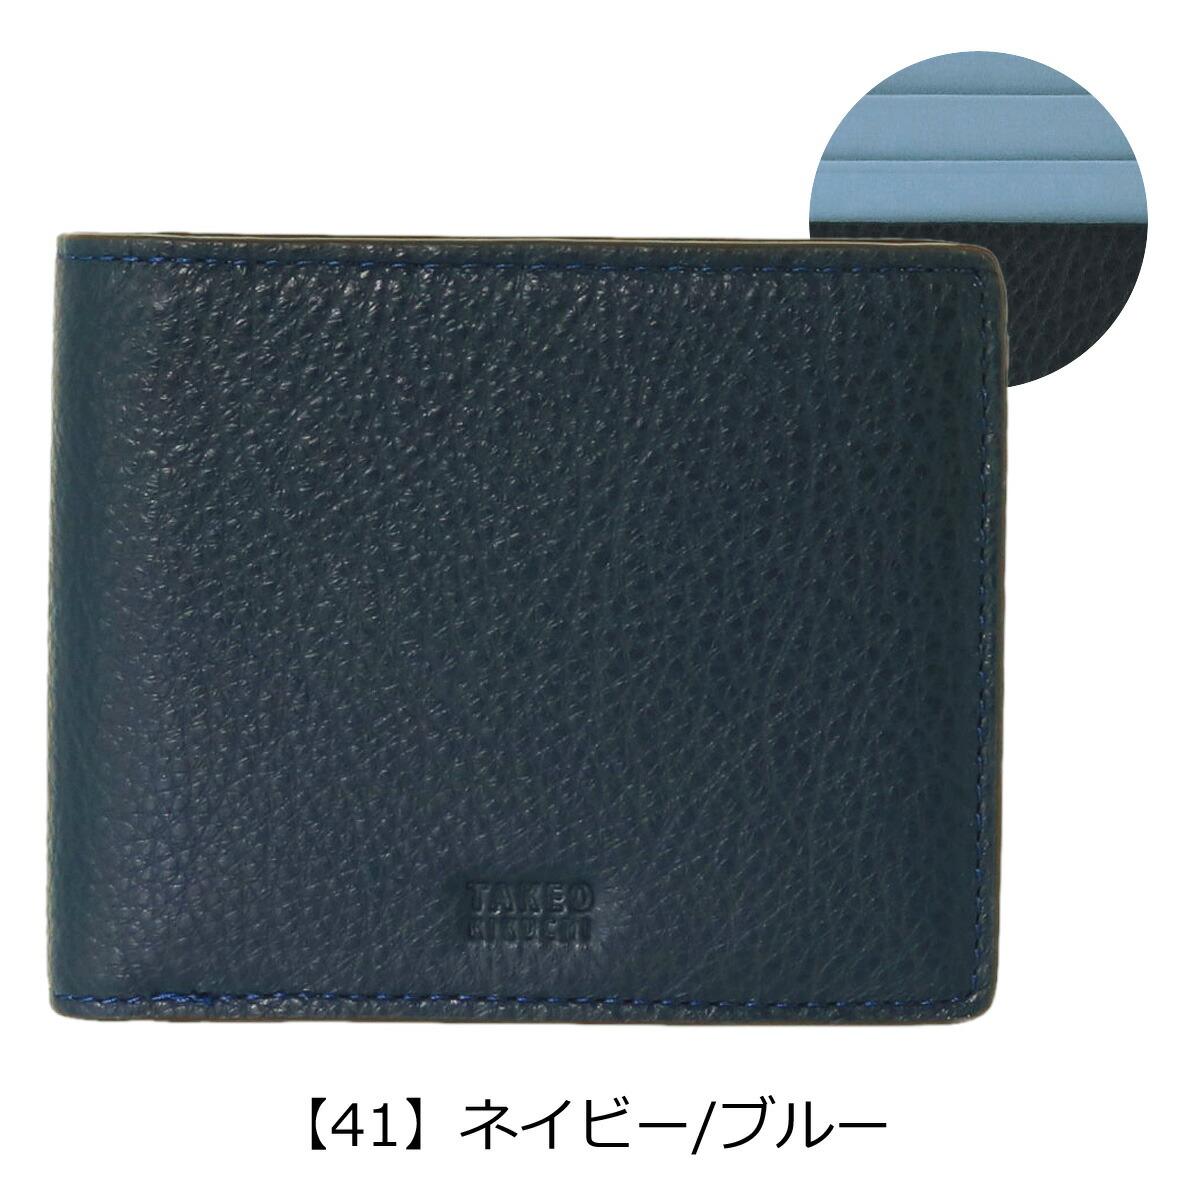 【42】ブルー/ホワイト